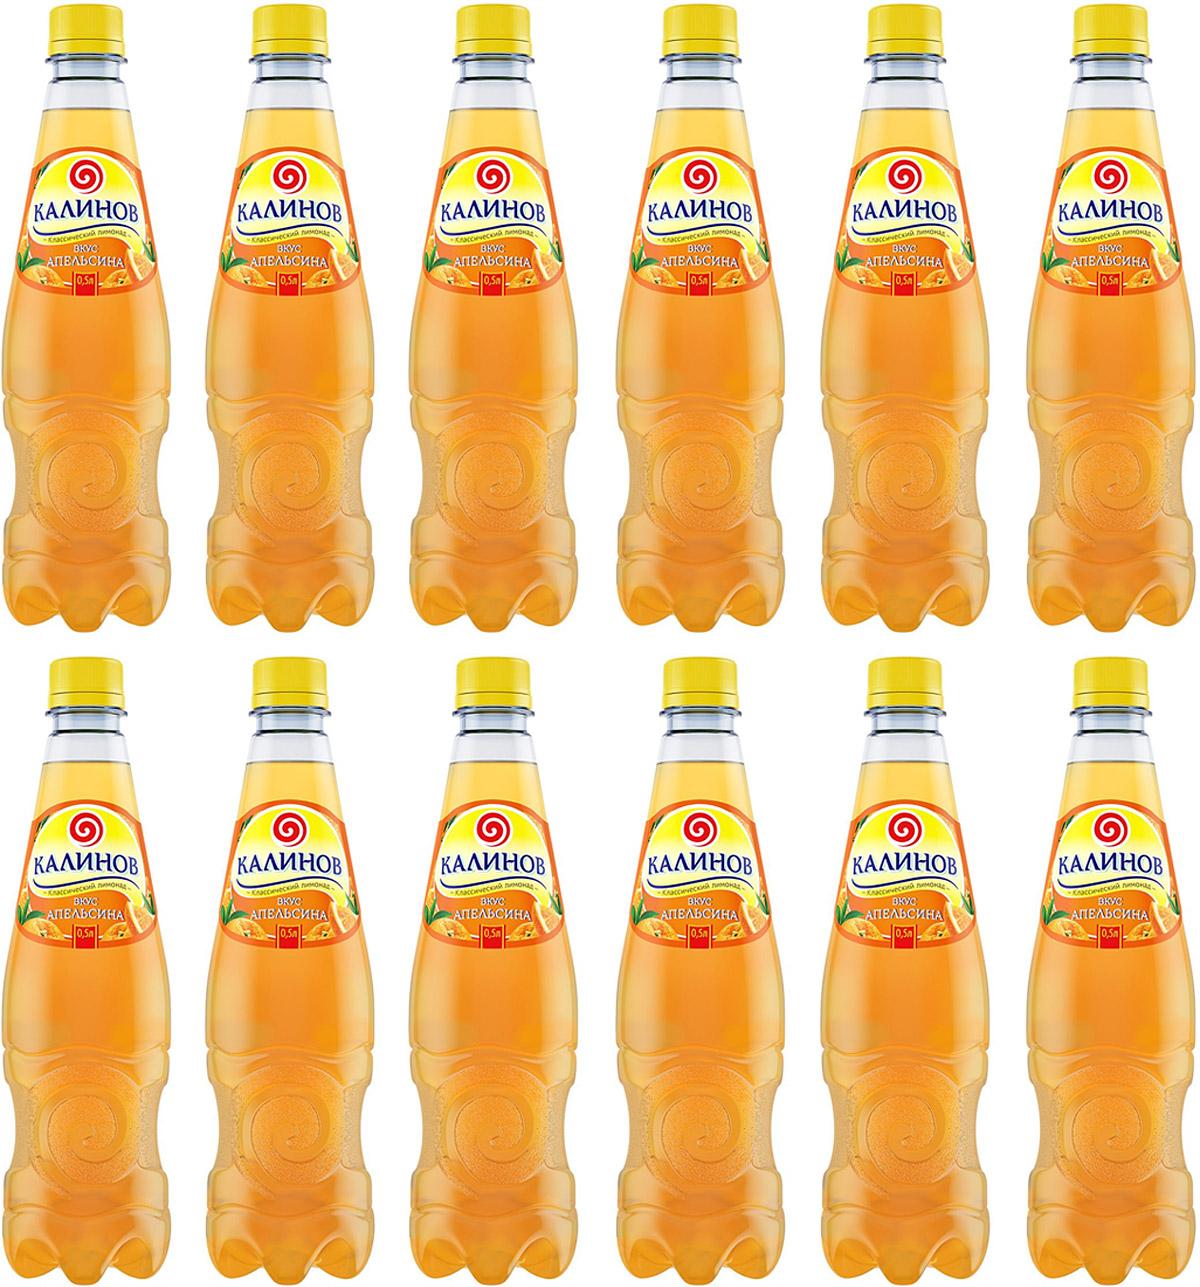 Калинов Лимонад Апельсин, 12 шт по 0,5 л0120710Классические лимонады на основе артезианской воды Калинов Родник производятся на высококачественном вкусо-ароматическом сырье и обладают ярко выраженными прохладительными свойствами. Для приготовления лимонадов Калинов используются классические рецептуры, соответствующие требованиям ГОСТа. Благодаря пониженному содержанию сахара все напитки серии являются низкокалорийными. Они производятся без применения цикламатов и сахарина, что значительно усиливает их диетические свойства.